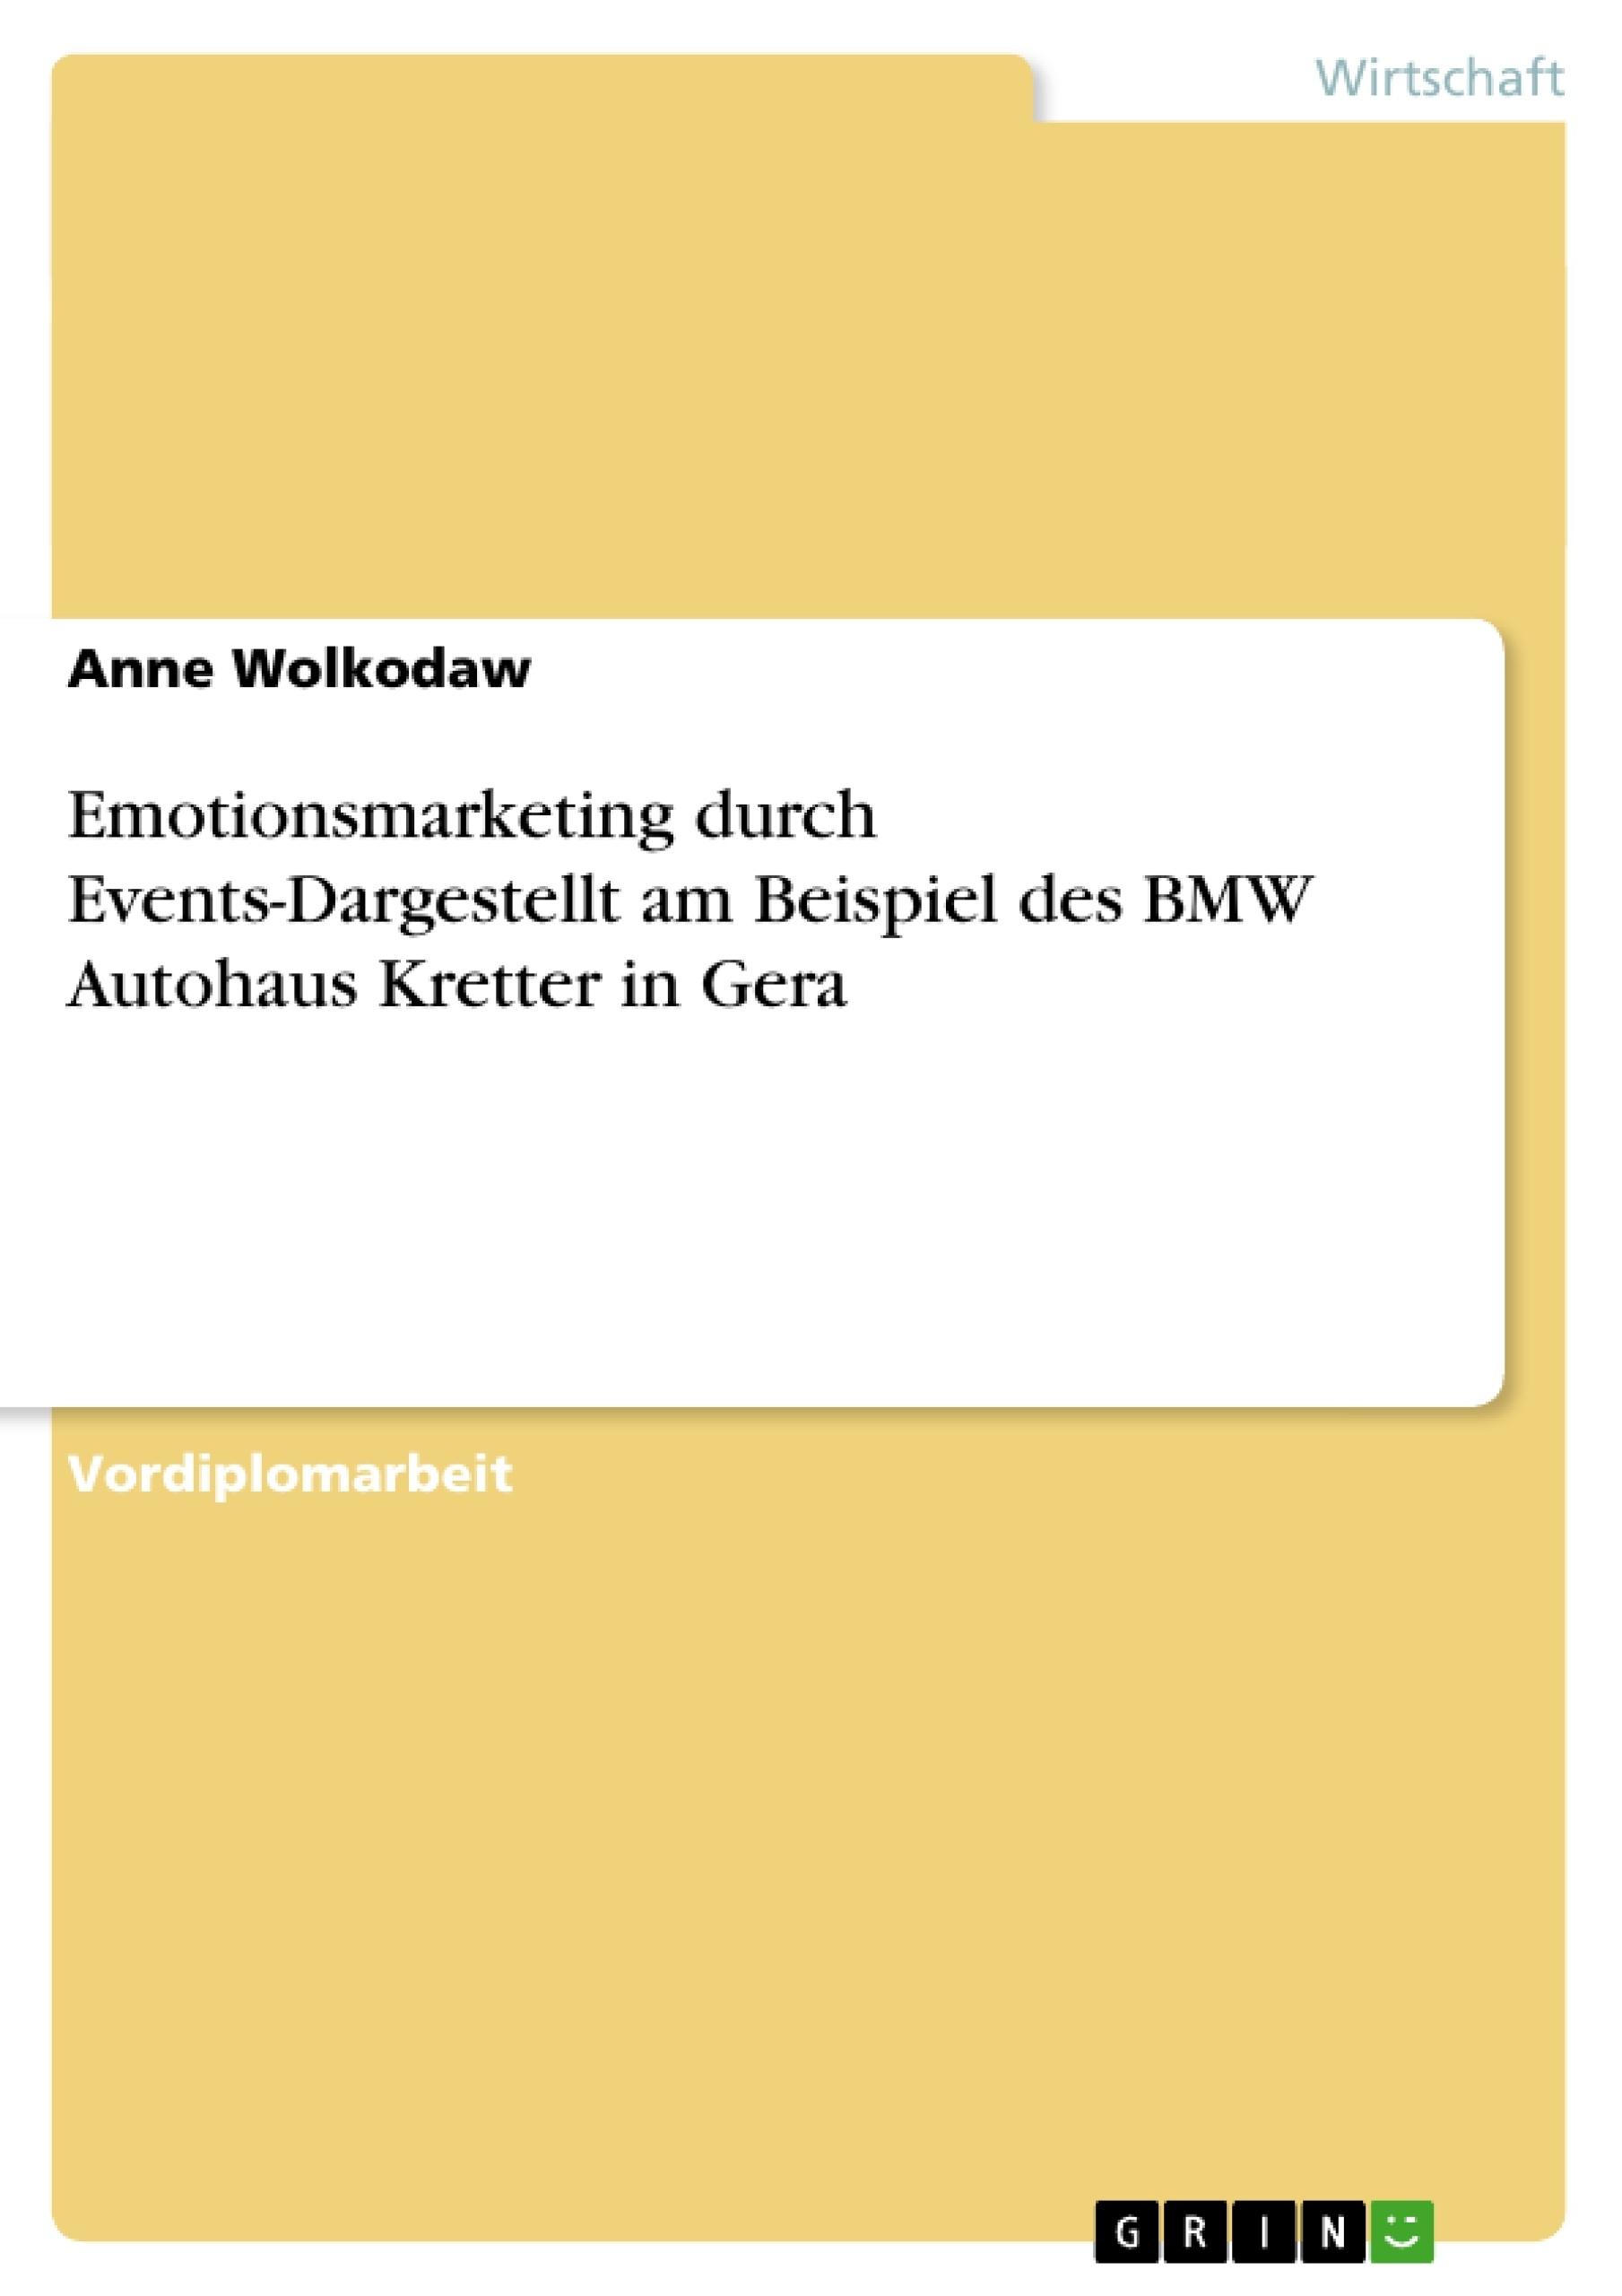 Titel: Emotionsmarketing durch Events-Dargestellt am Beispiel des BMW Autohaus Kretter in Gera